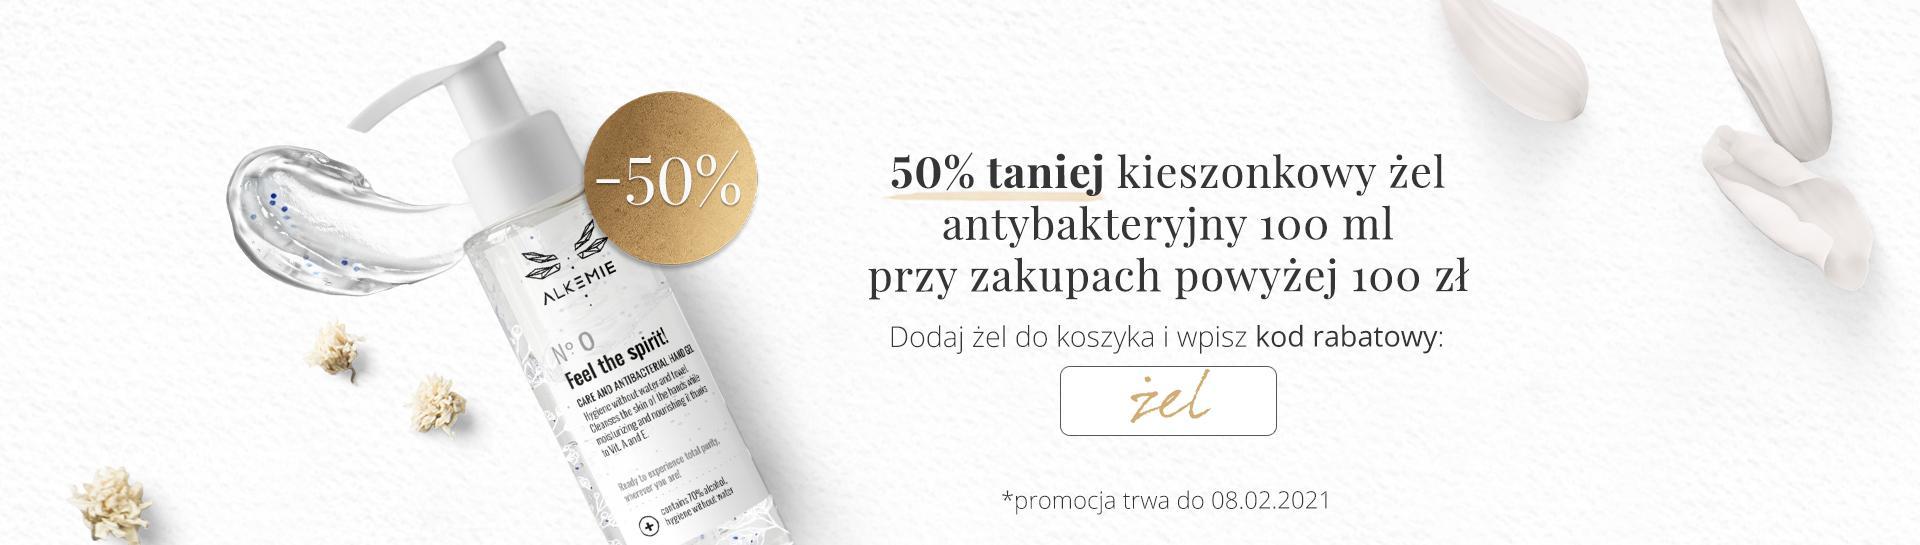 Alkemie: 50% zniżki na kieszonkowy żel antybakteryjny przy zakupach powyżej 100 zł